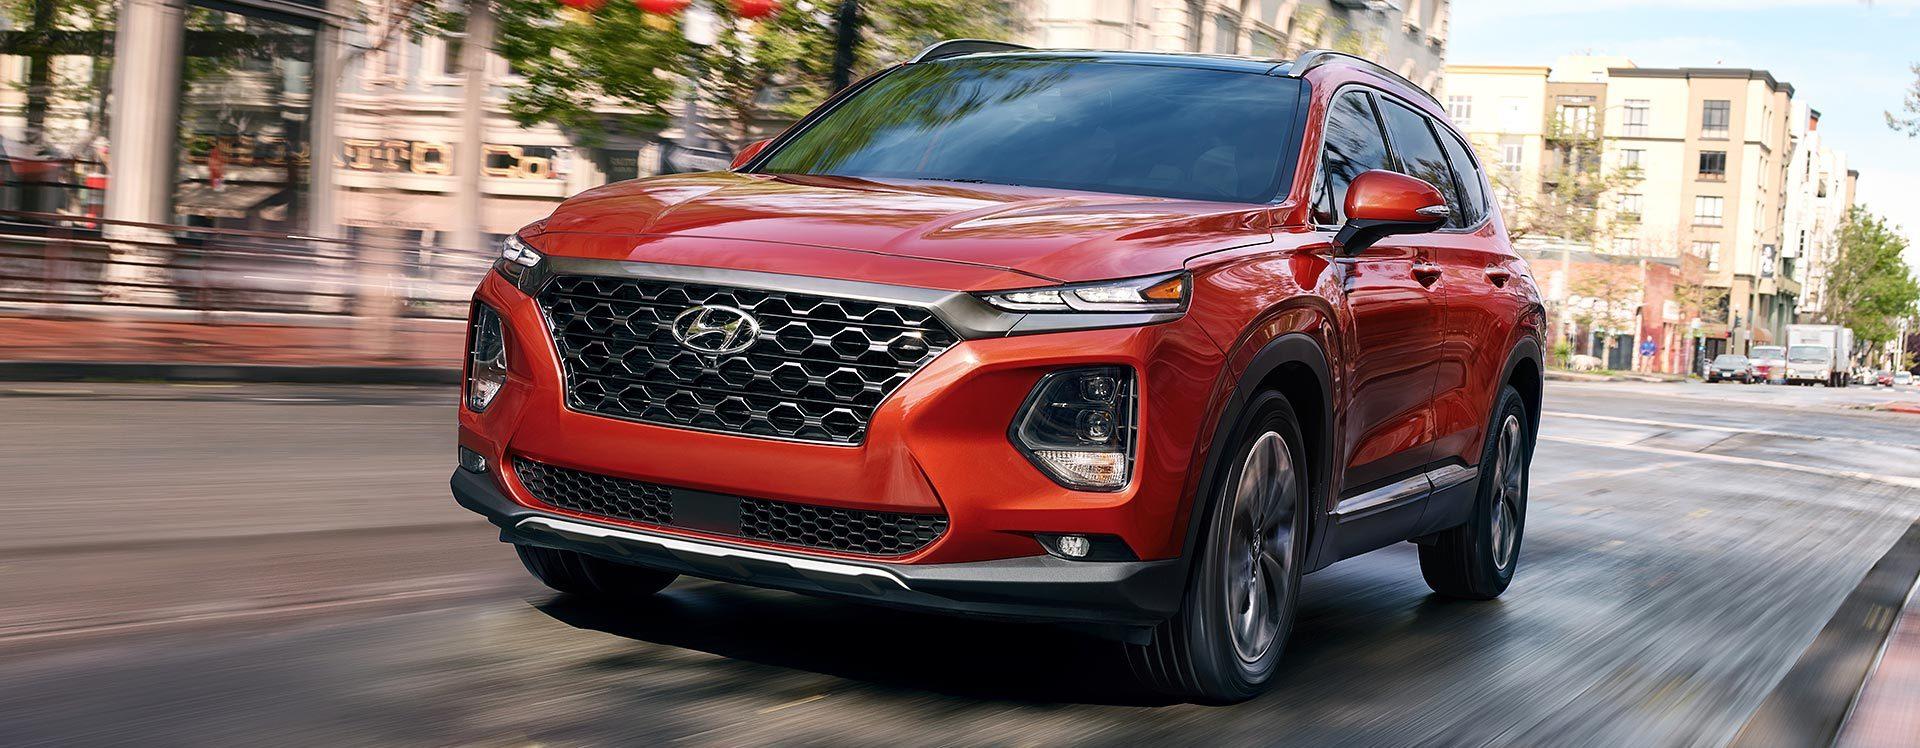 2020 Hyundai Santa Fe Leasing near Alexandria, VA